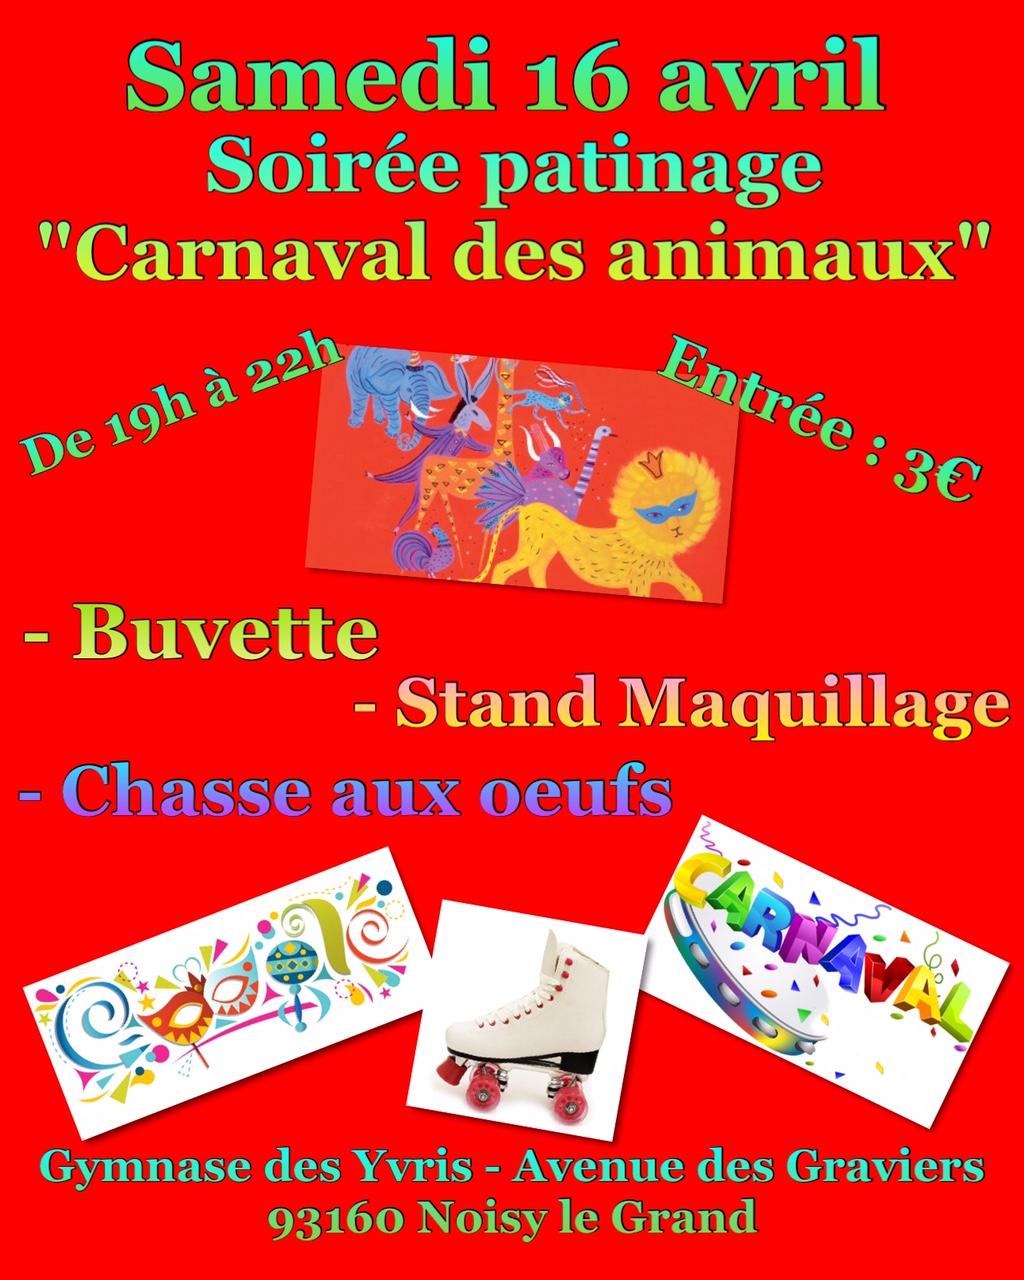 http://www.noisyroller.fr/wp-content/uploads/2016/04/SoireePatinage16avril.jpg